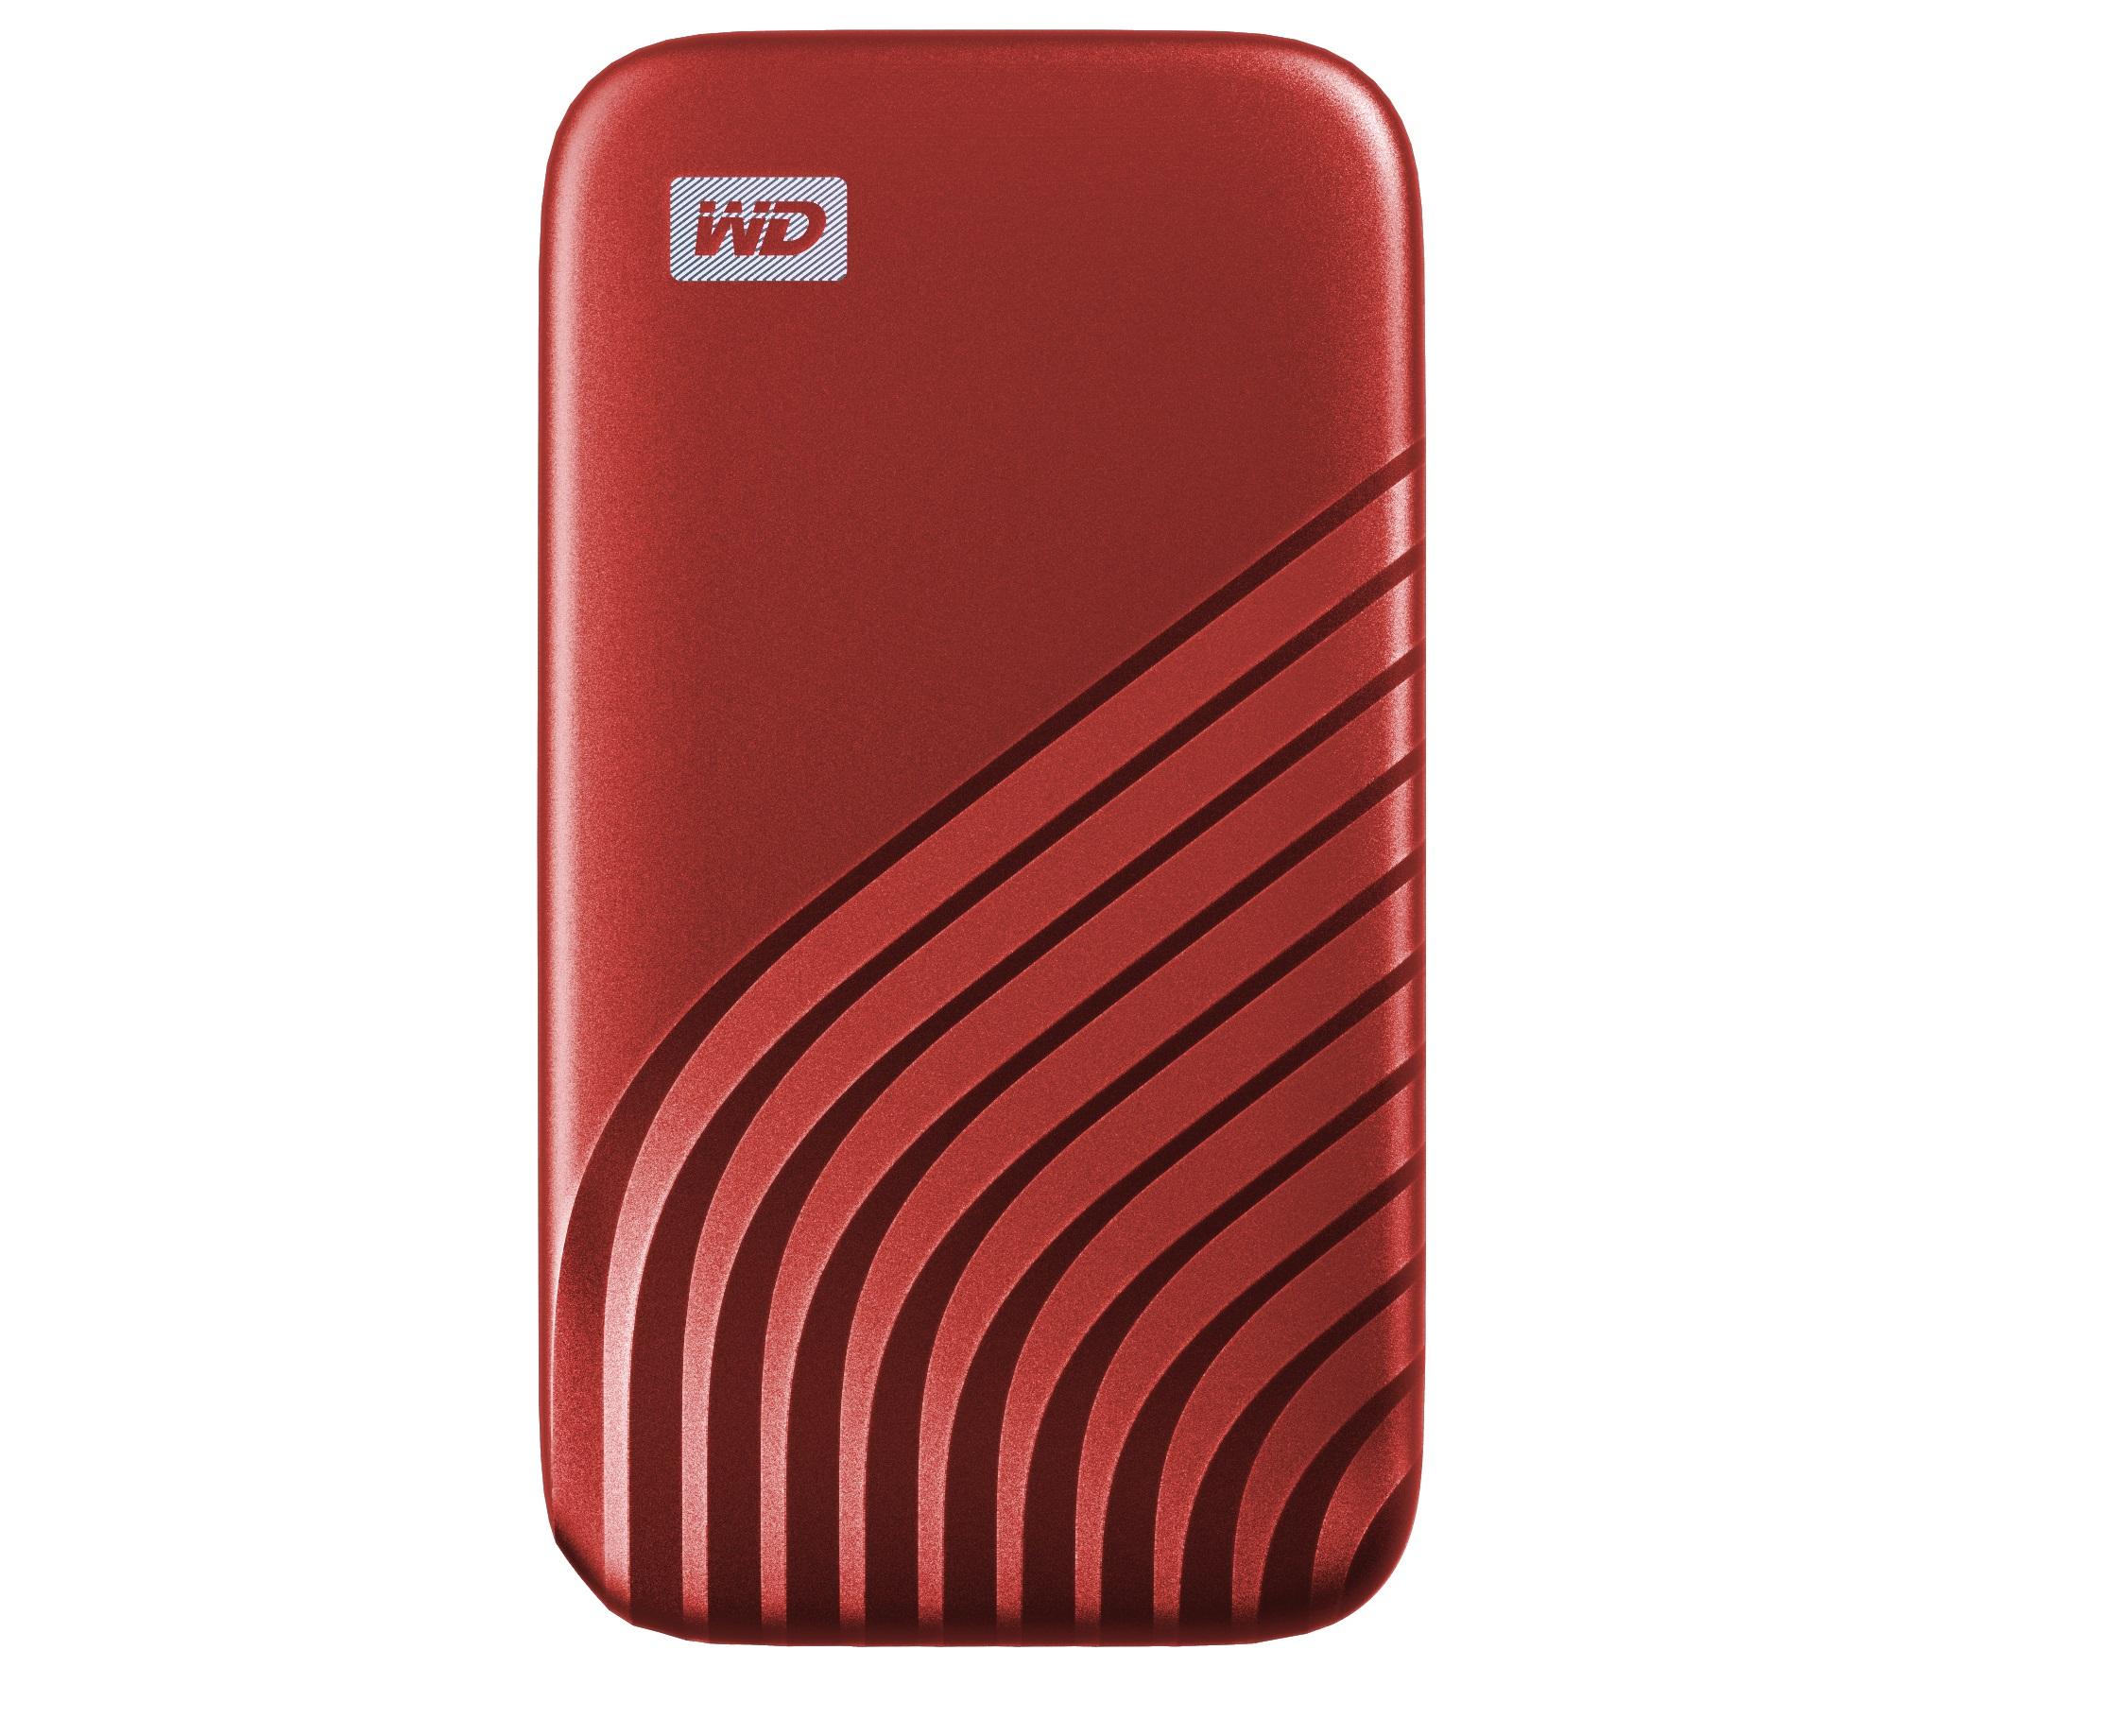 WD MyPassportSSD - Red